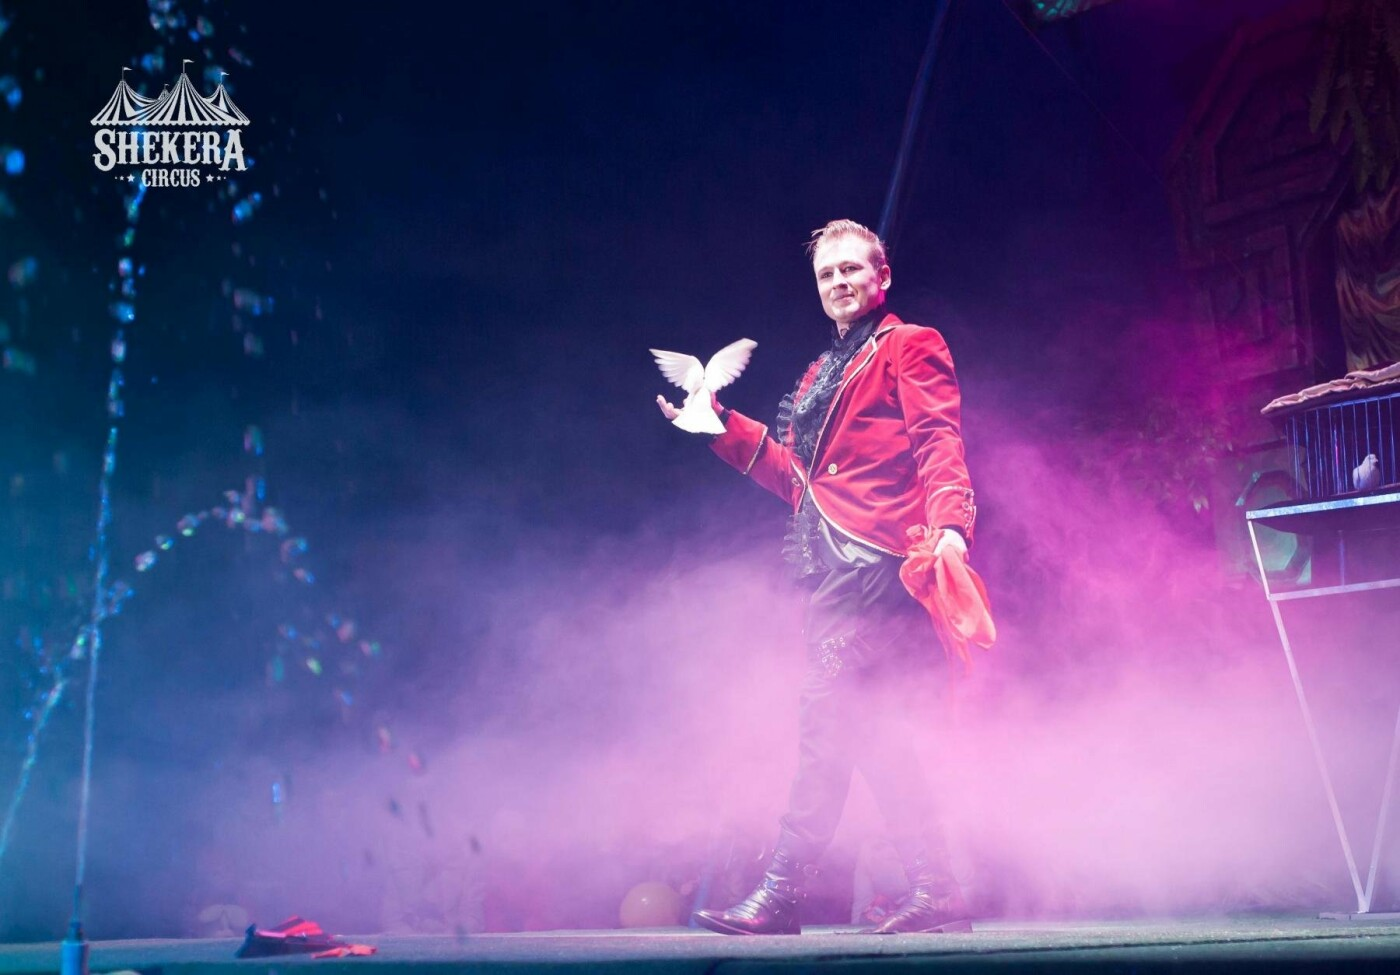 """Цирк  """"Shekera"""" впервые приедет с шоу-программой в  Константиновку , фото-5"""